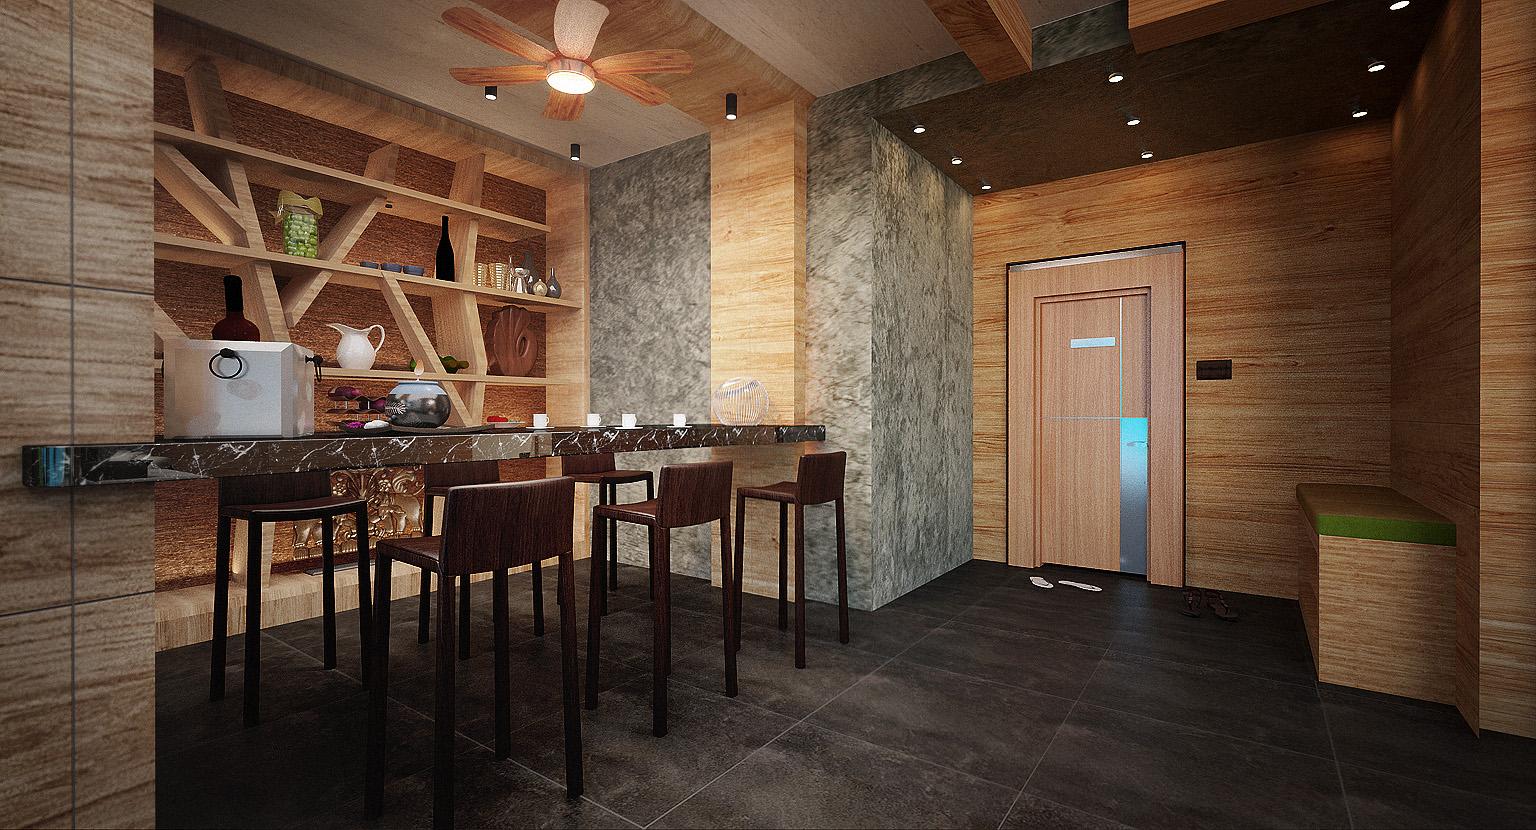 Hong Kong Interior Design 室內設計